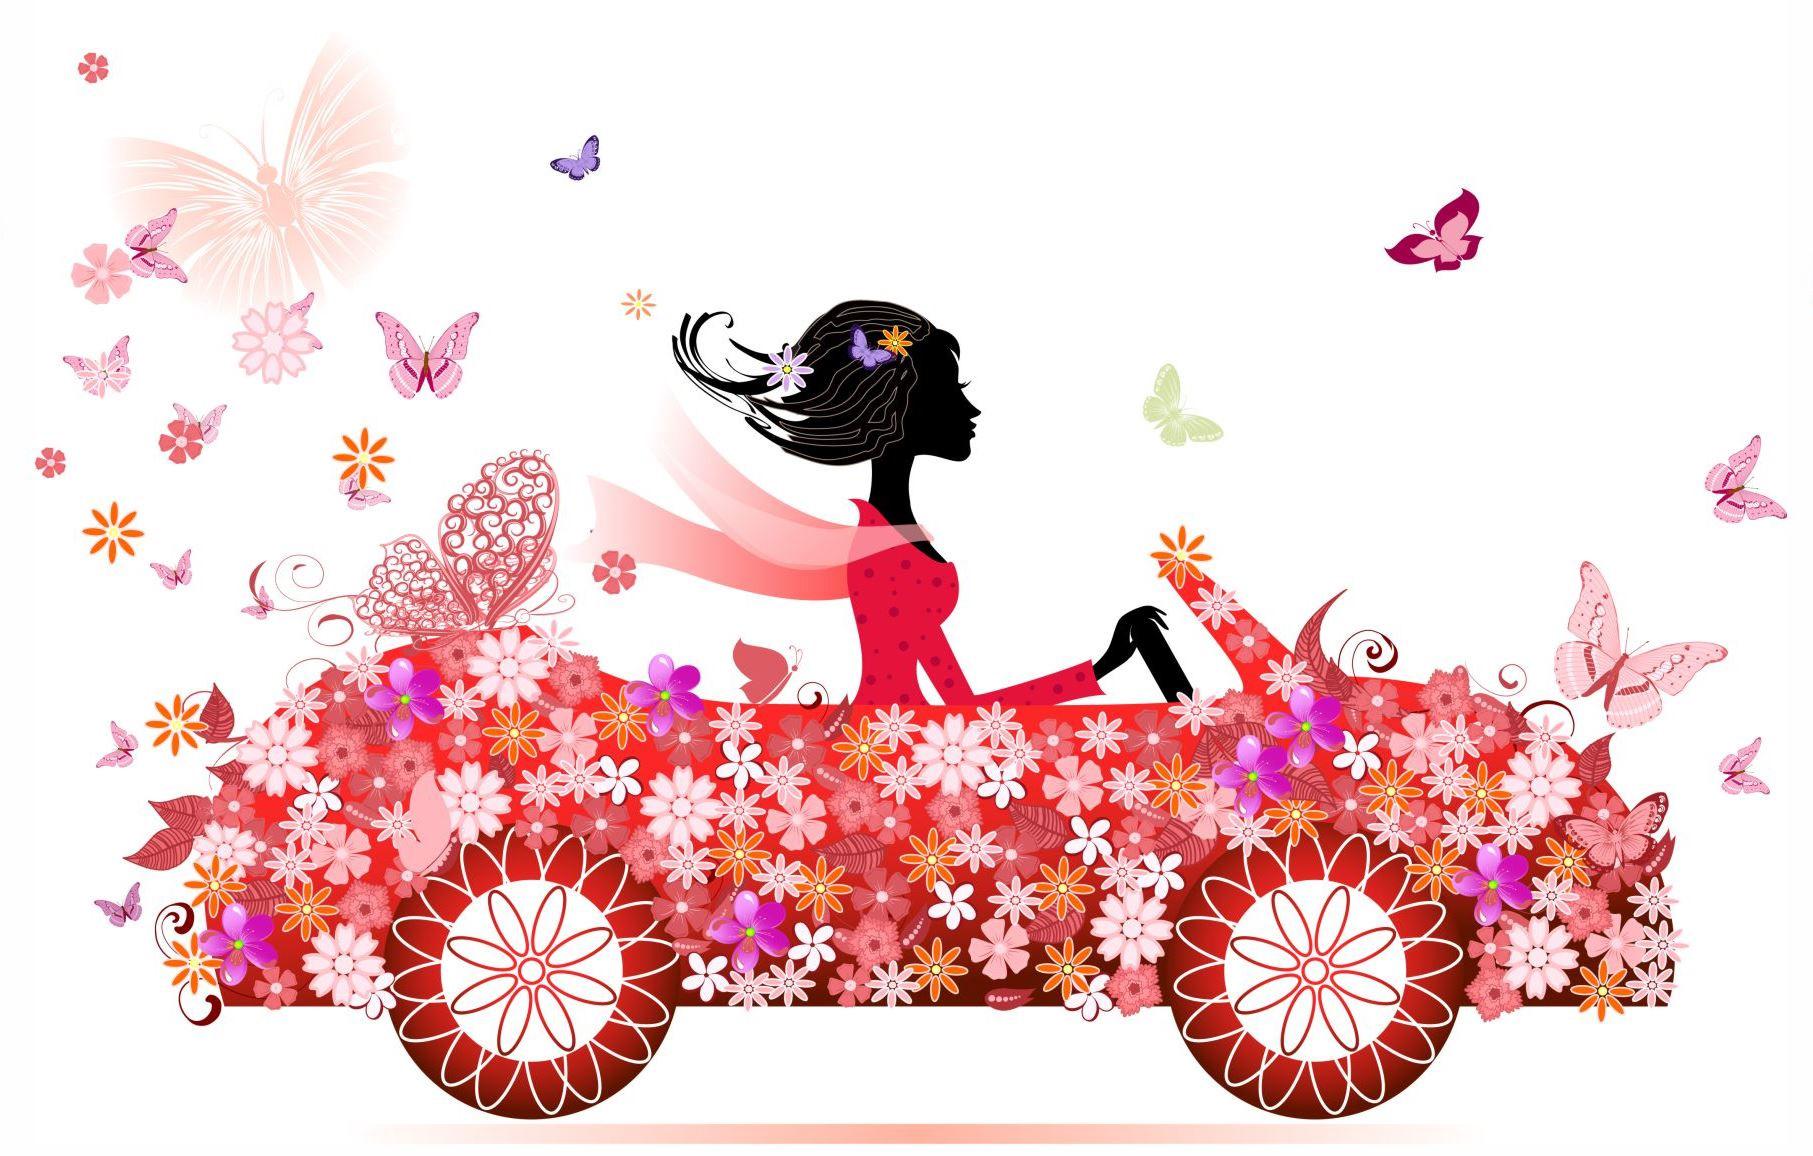 Праздничные цветы картинки навруз великолепный